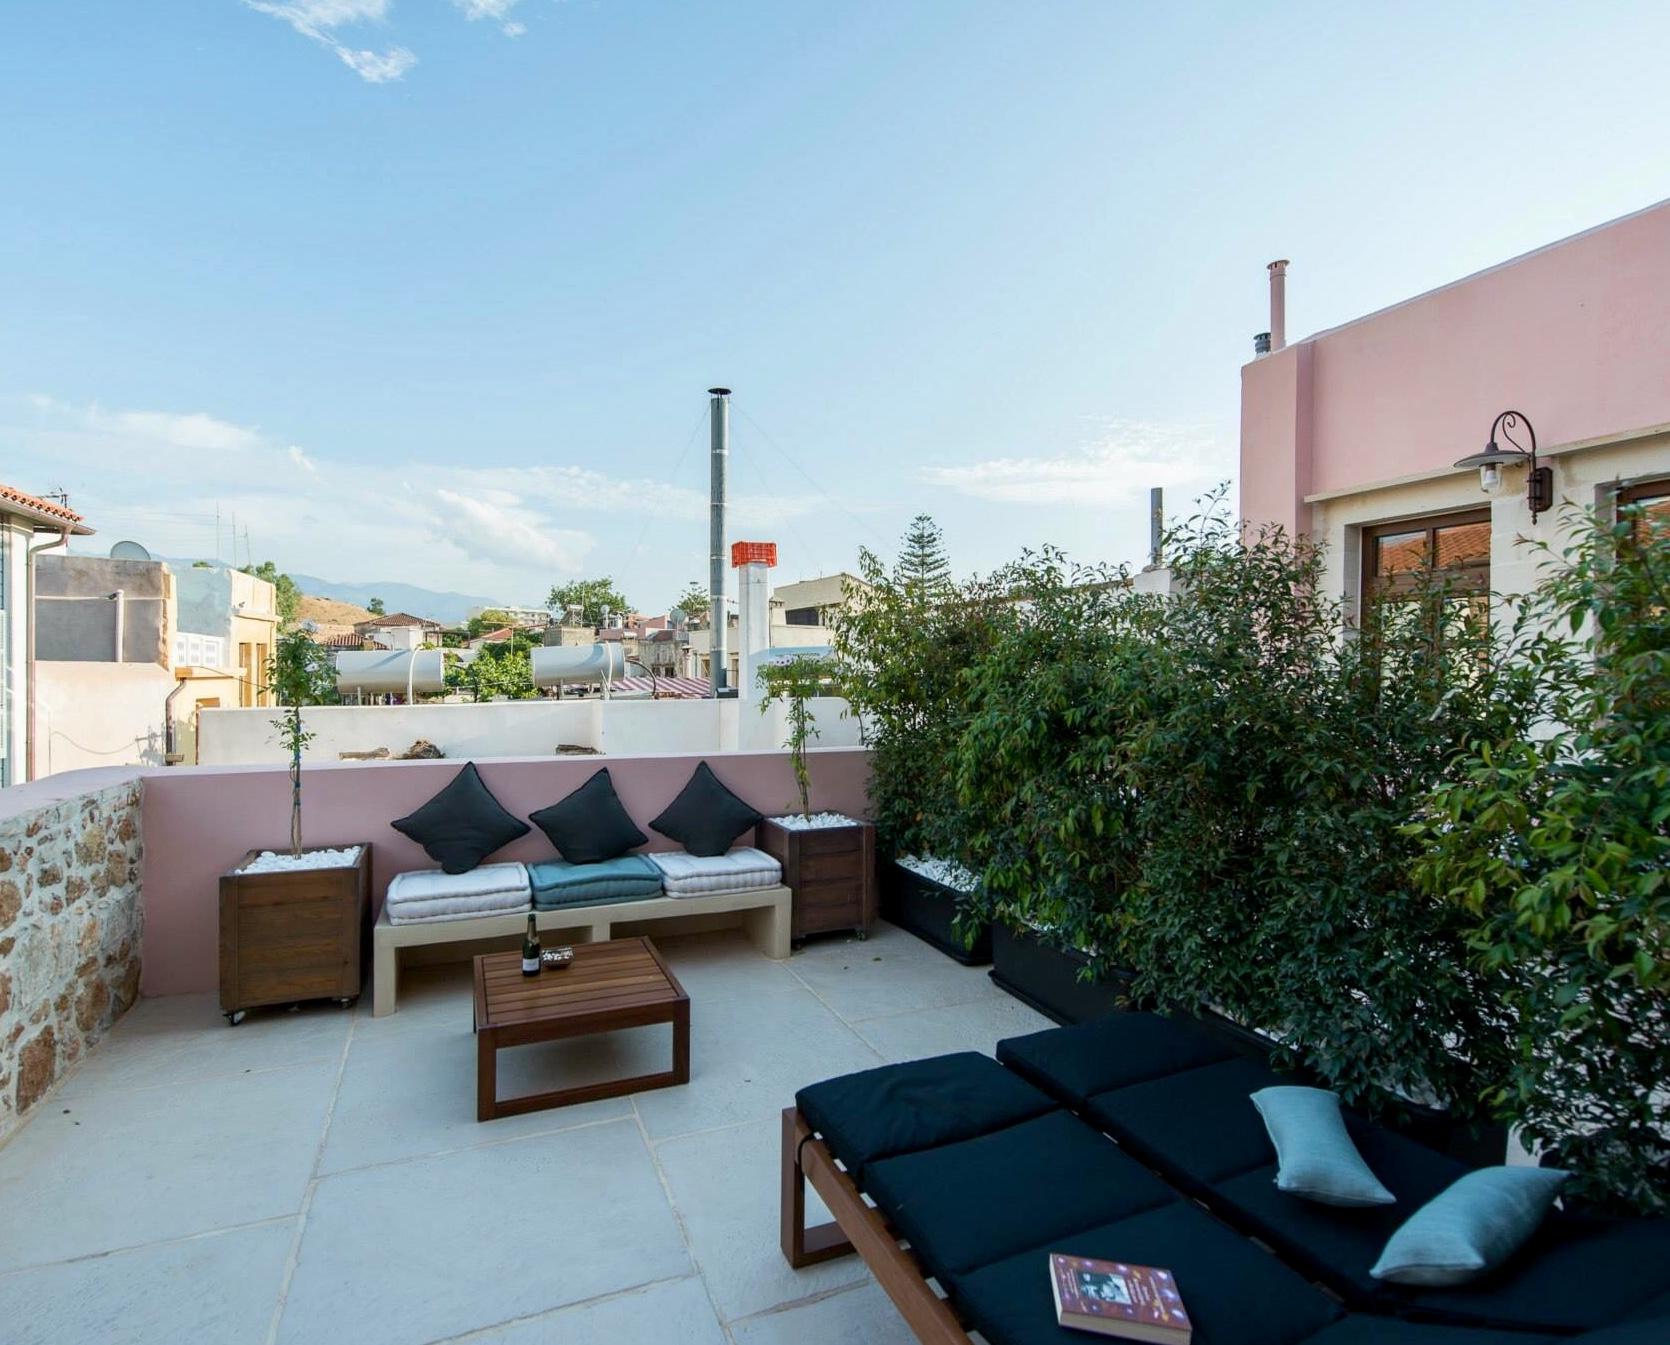 Crete-boutique hotel chania 8.JPG